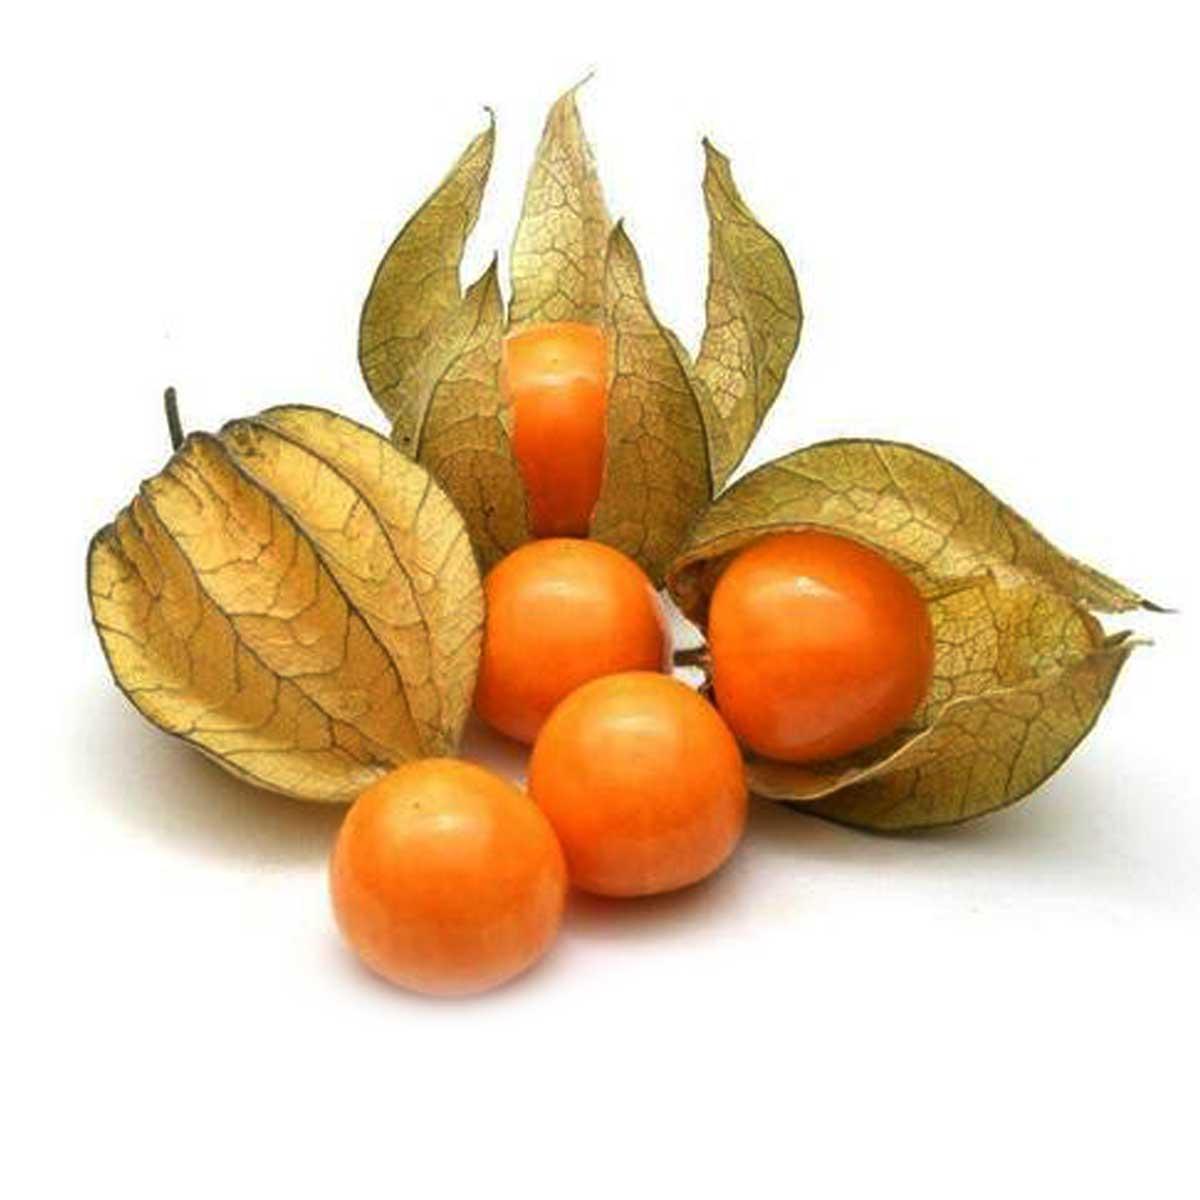 Gooseberries Physalis